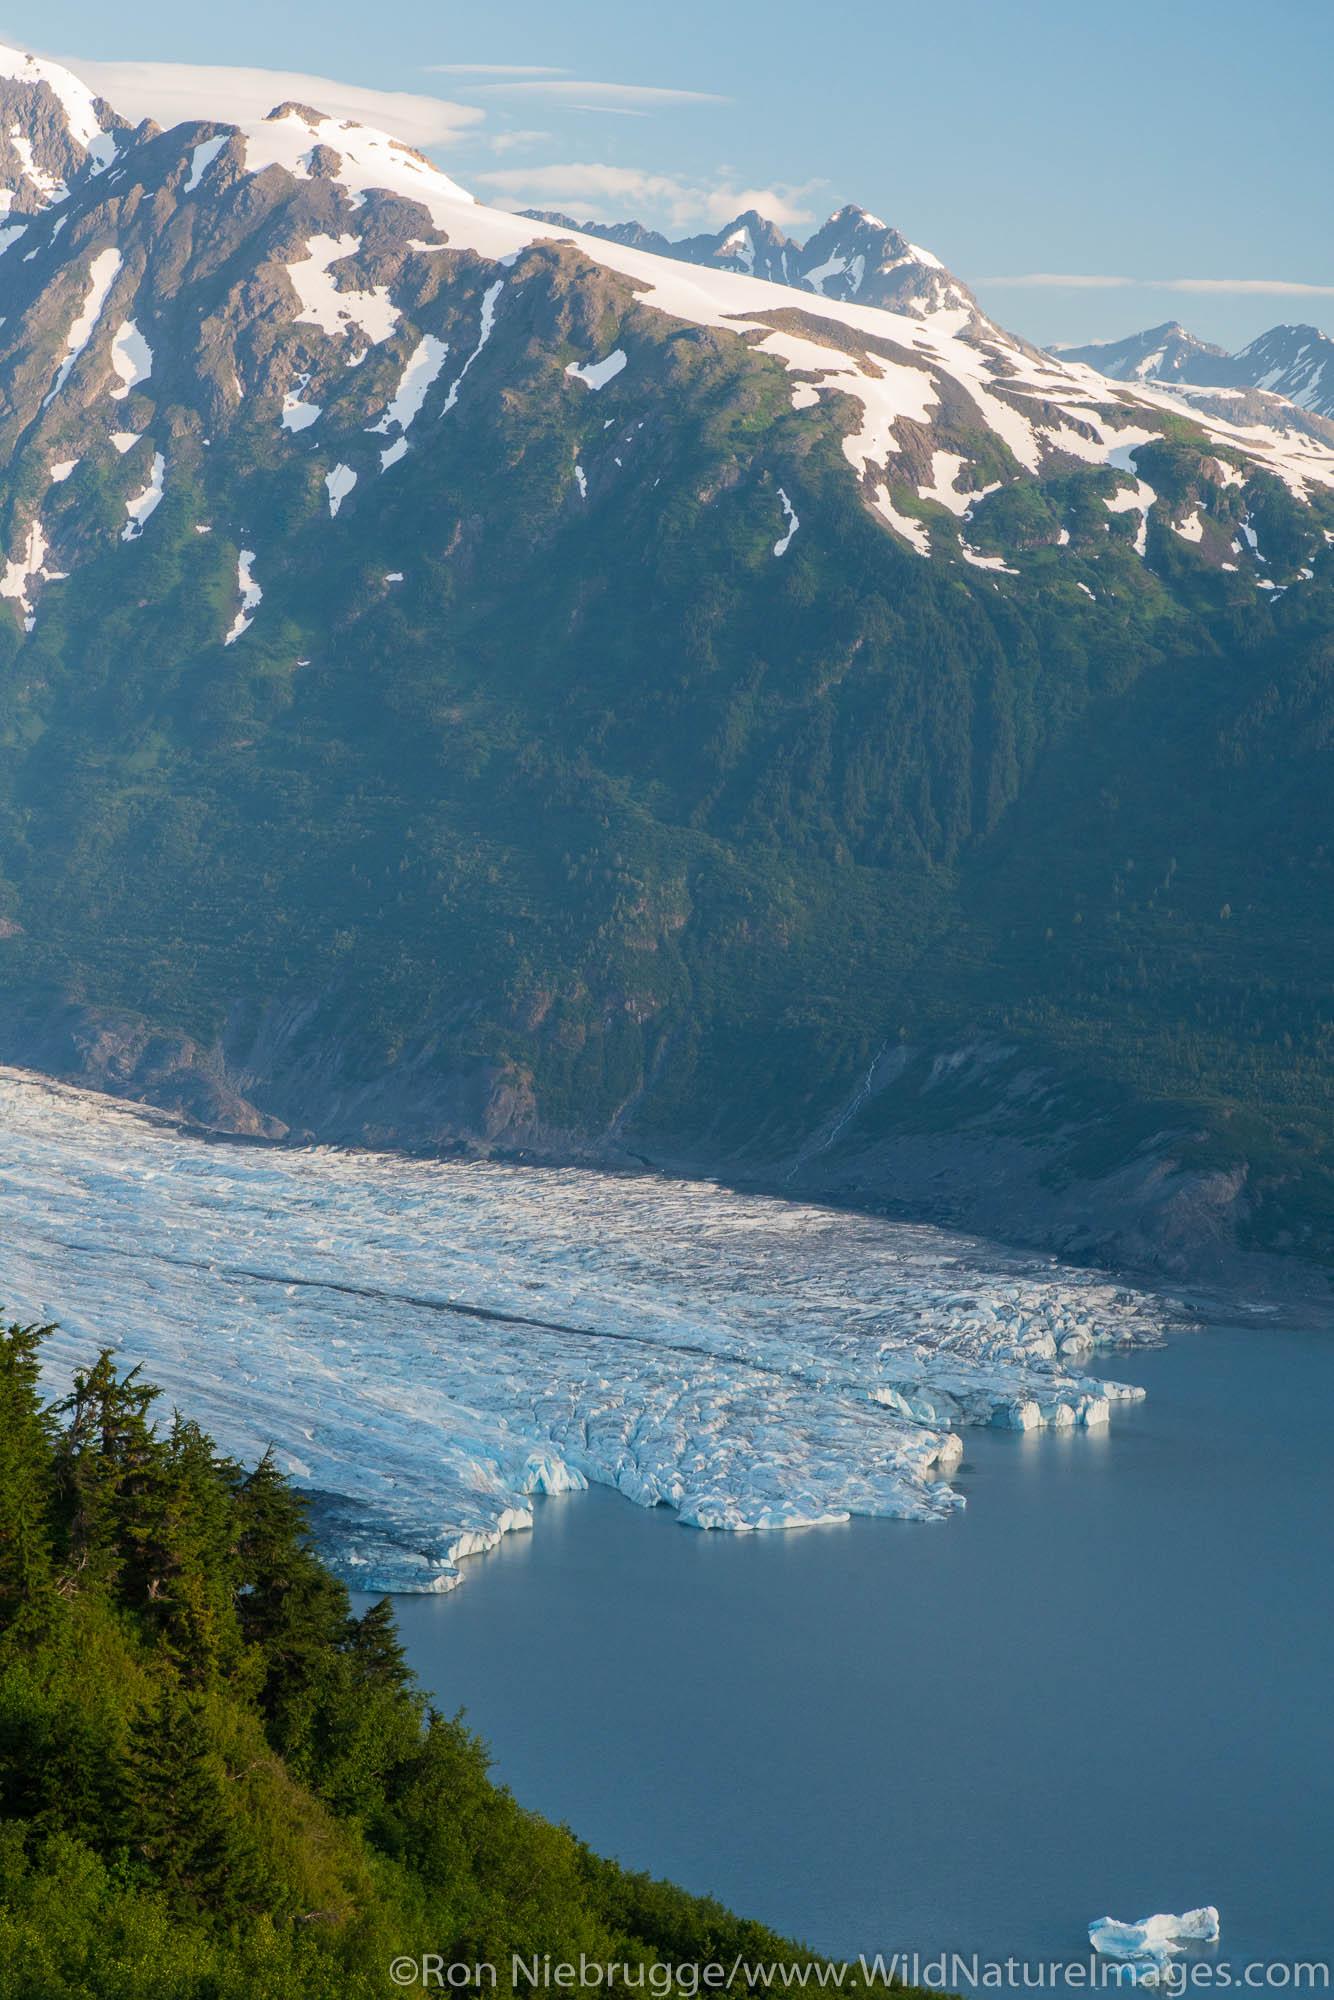 Spencer Glacier Bench Forest Service Cabin, Chugach National Forest, Alaska.